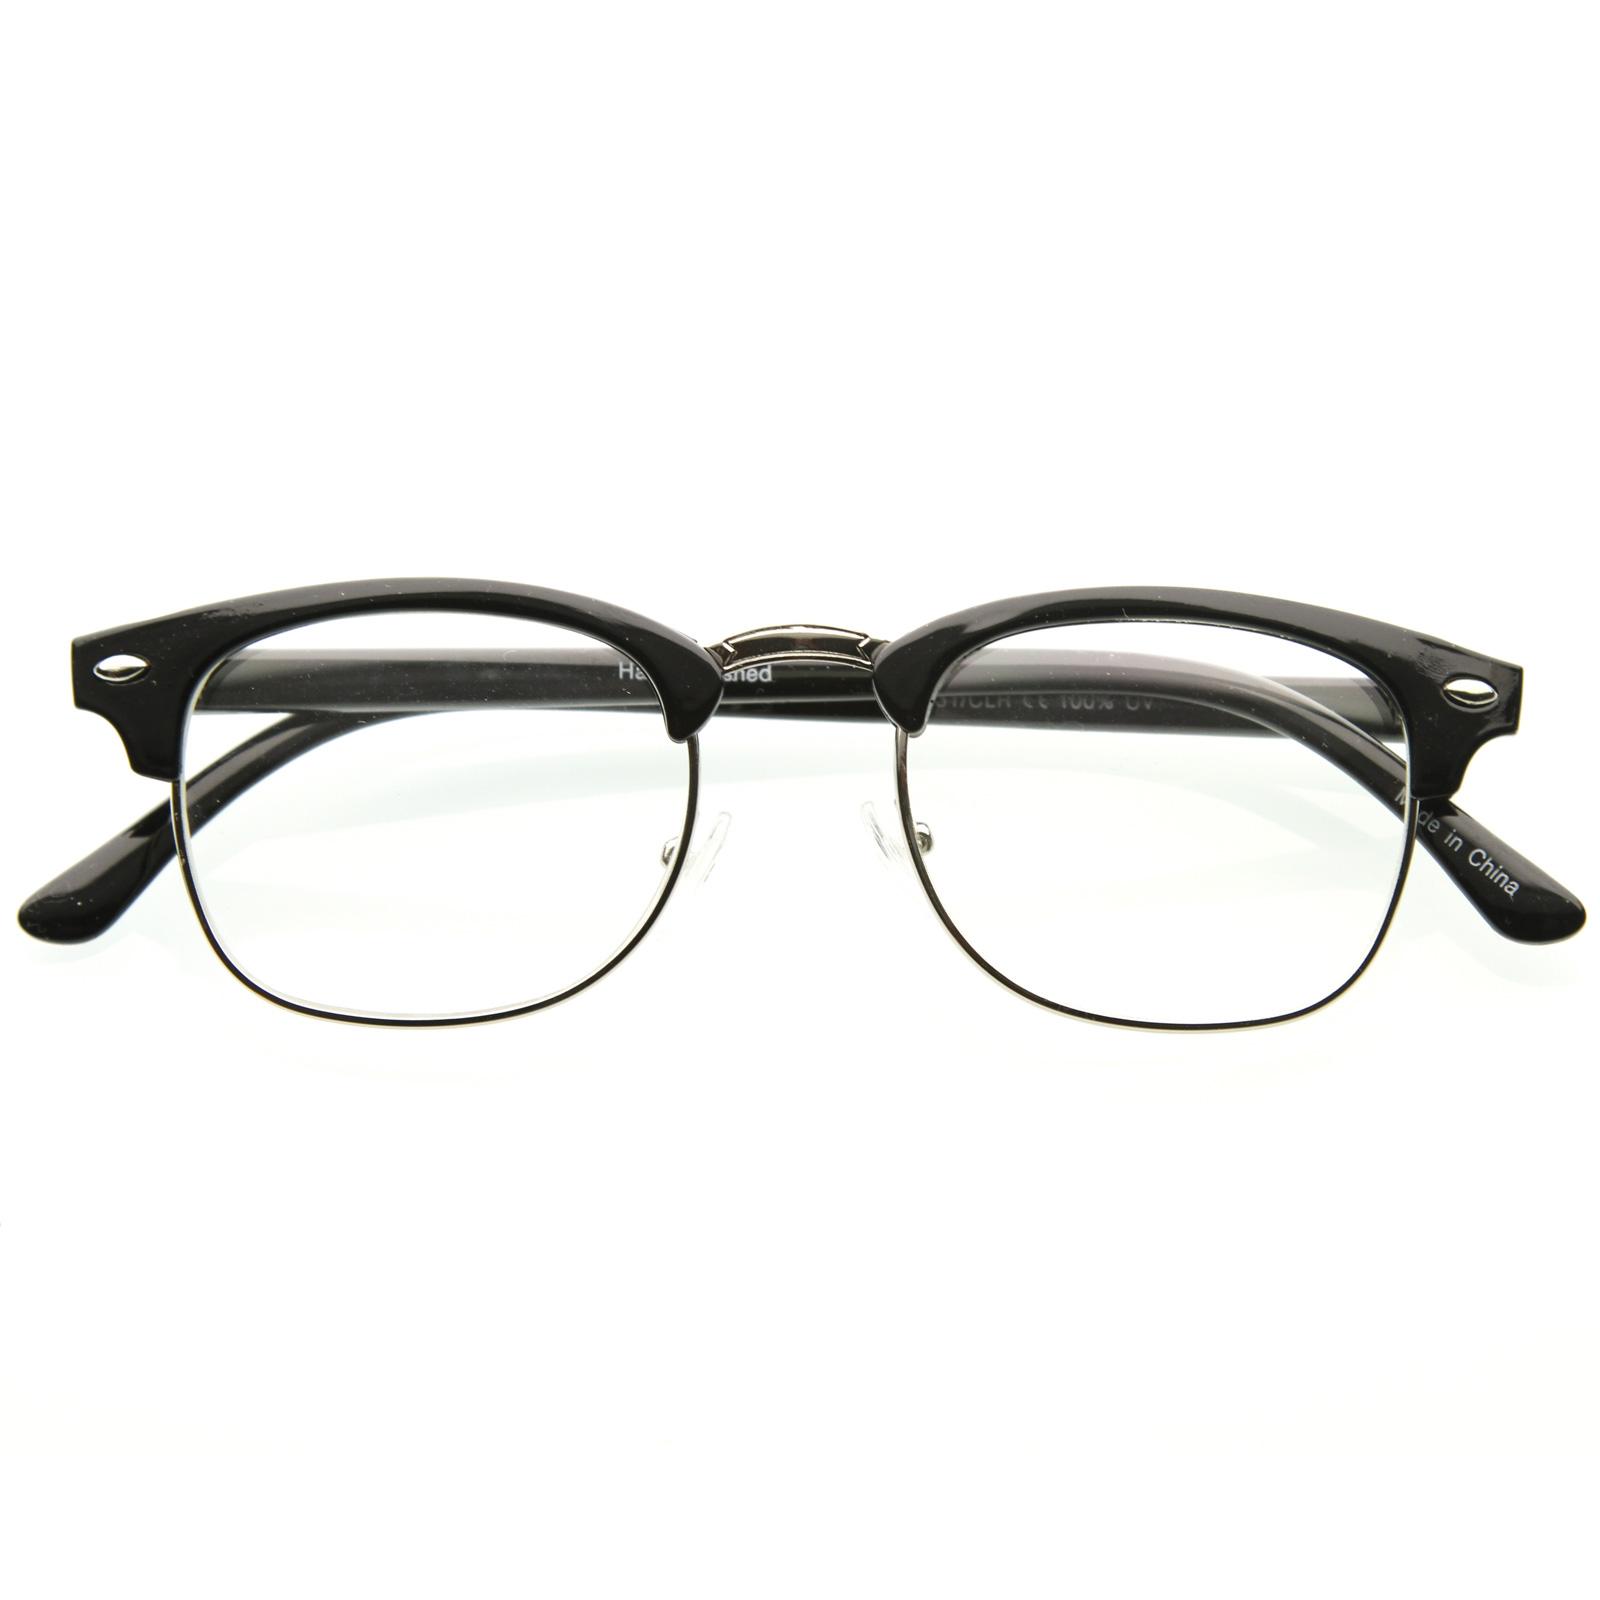 Half Frame Clear Lens Glasses : Unworn Original Vintage Half Frame Clubmasters Shades ...